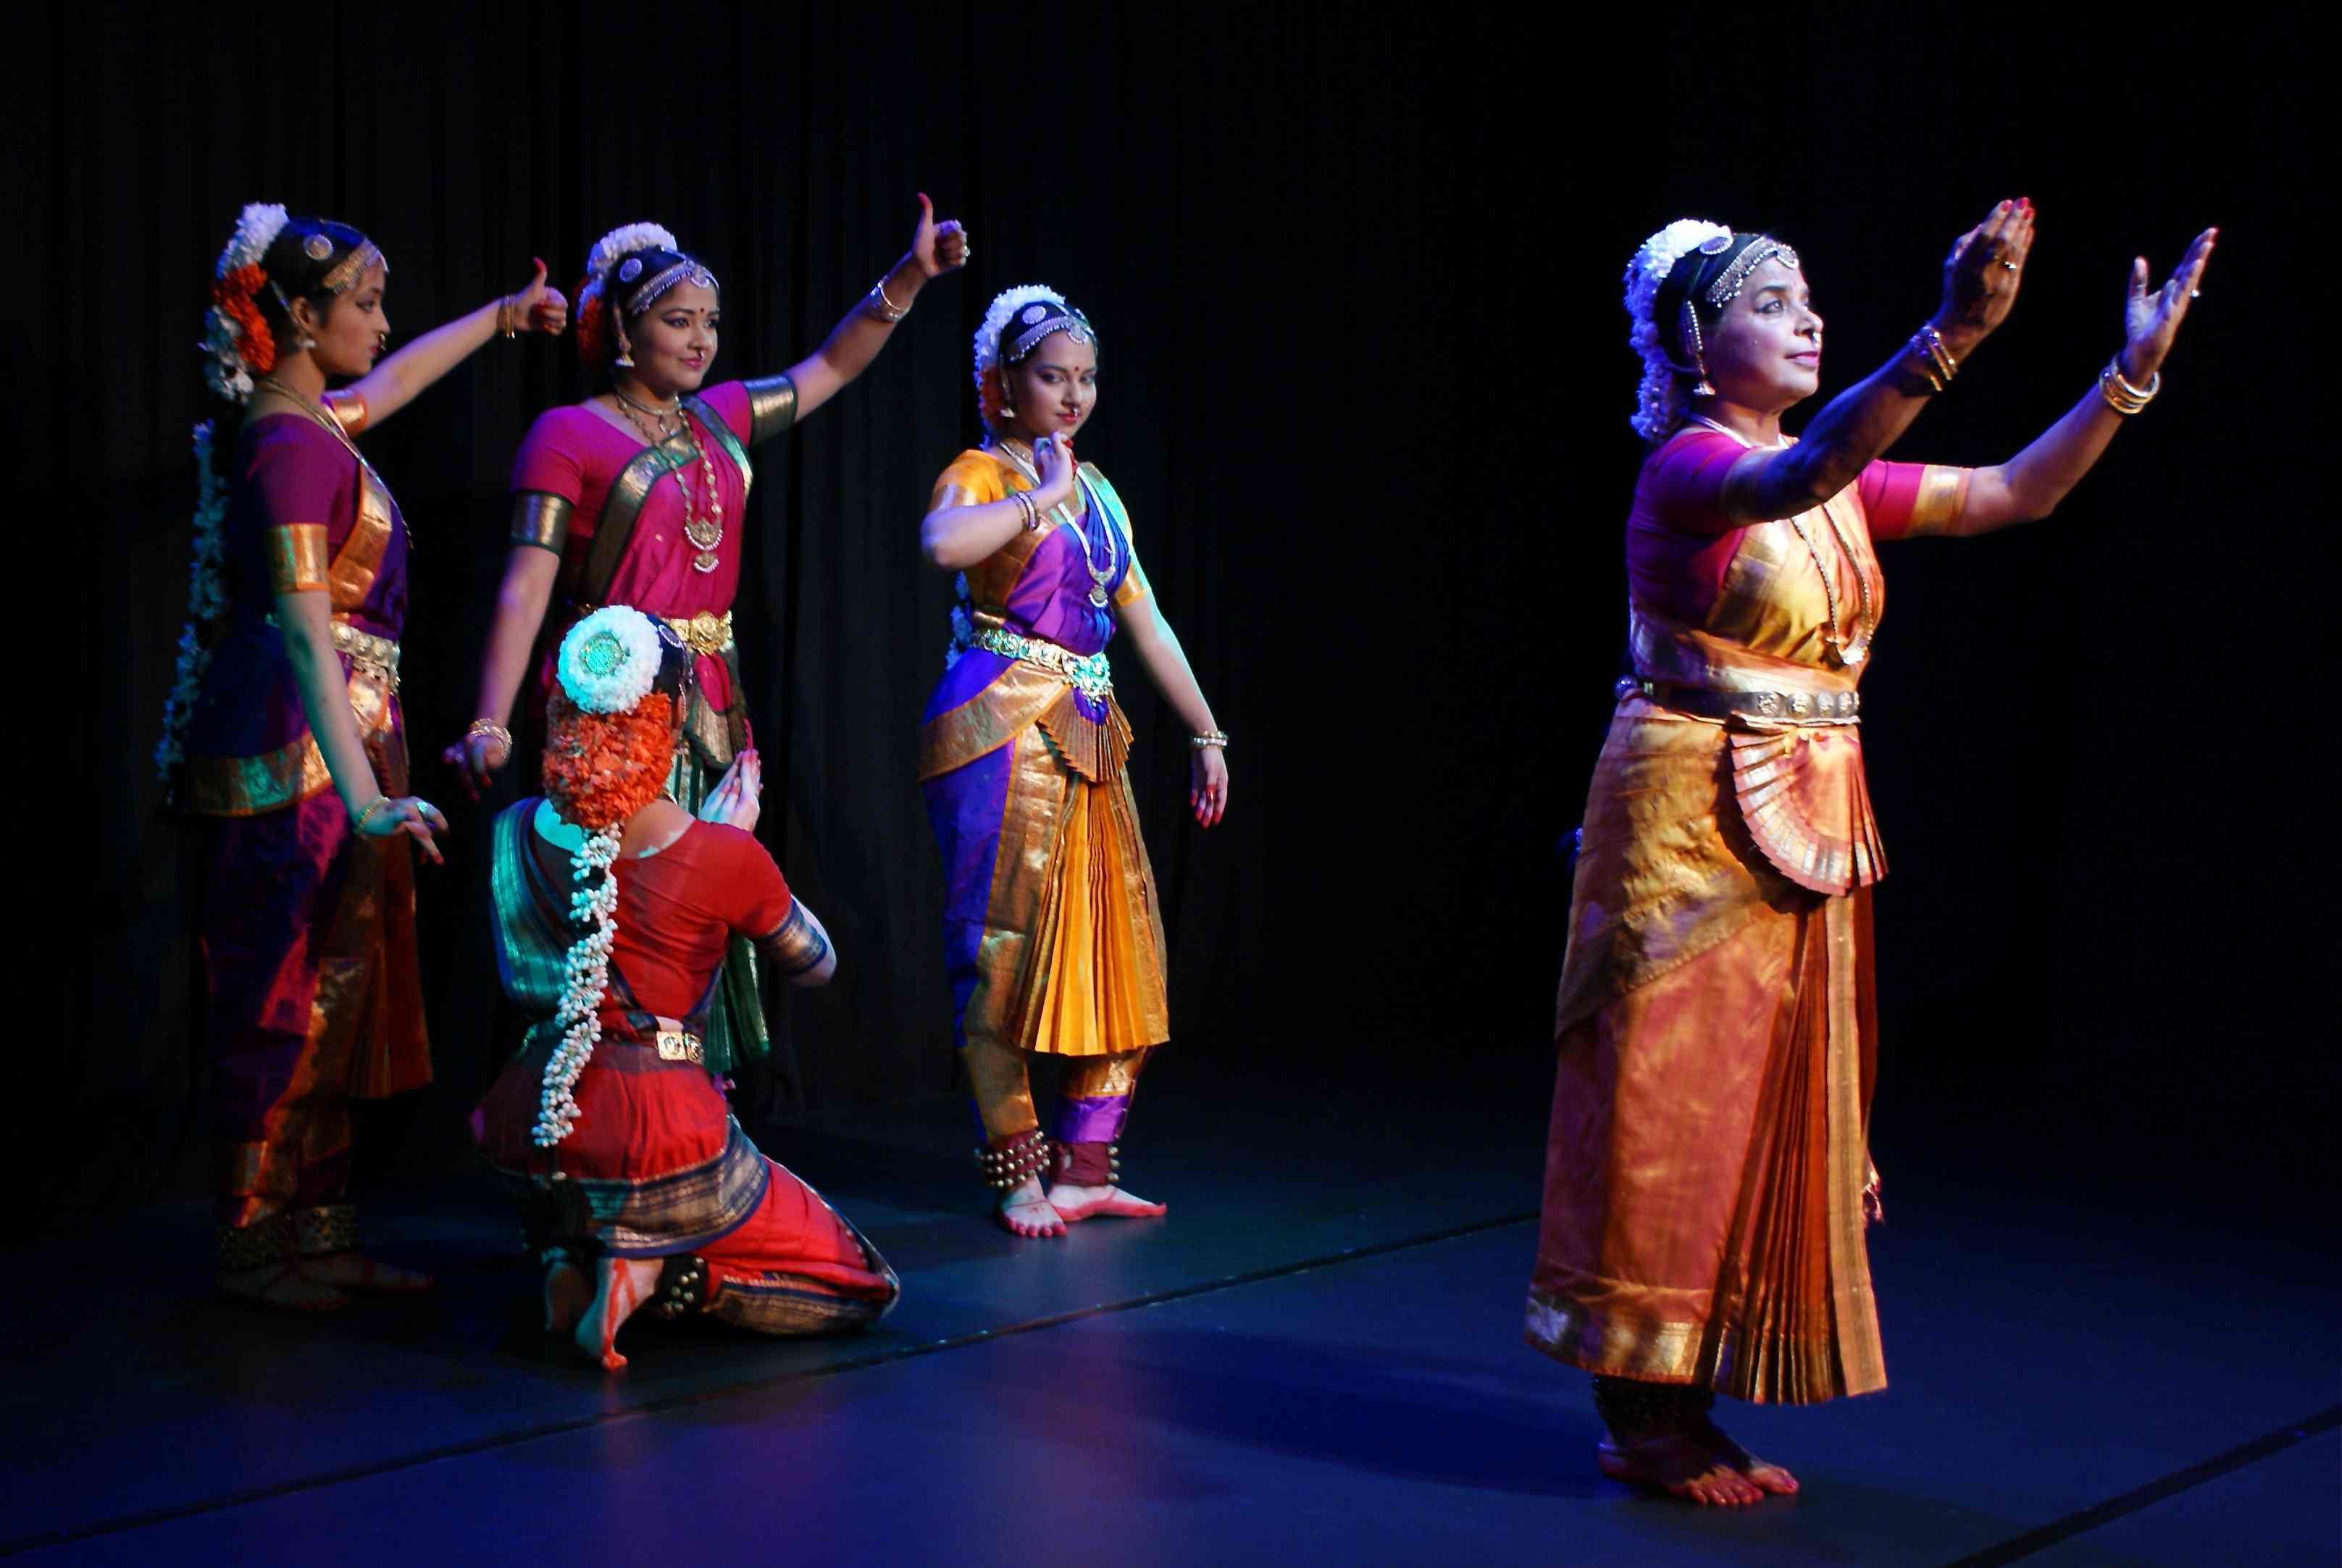 Vijaya Rao & Nateschwara Dancers in Ramayana